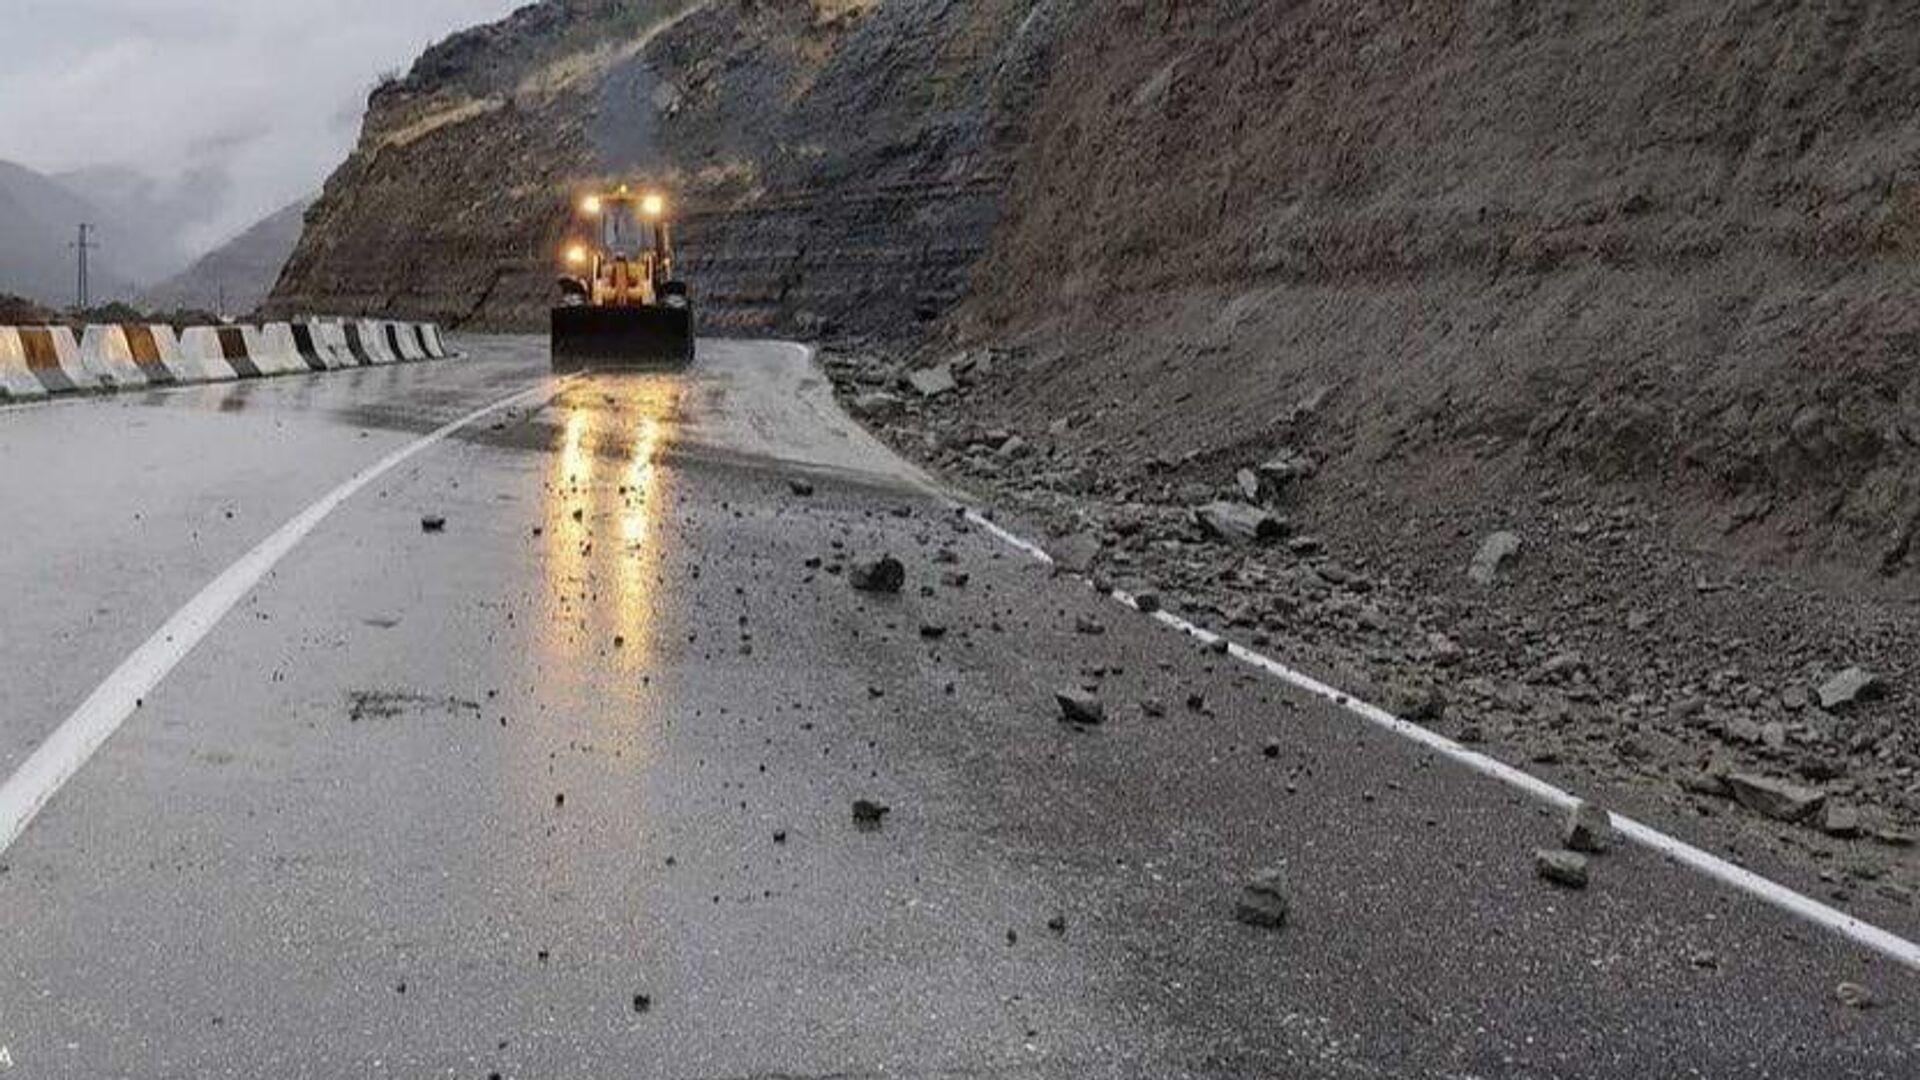 Размытая автомобильная дорога в Дагестане - РИА Новости, 1920, 15.09.2021